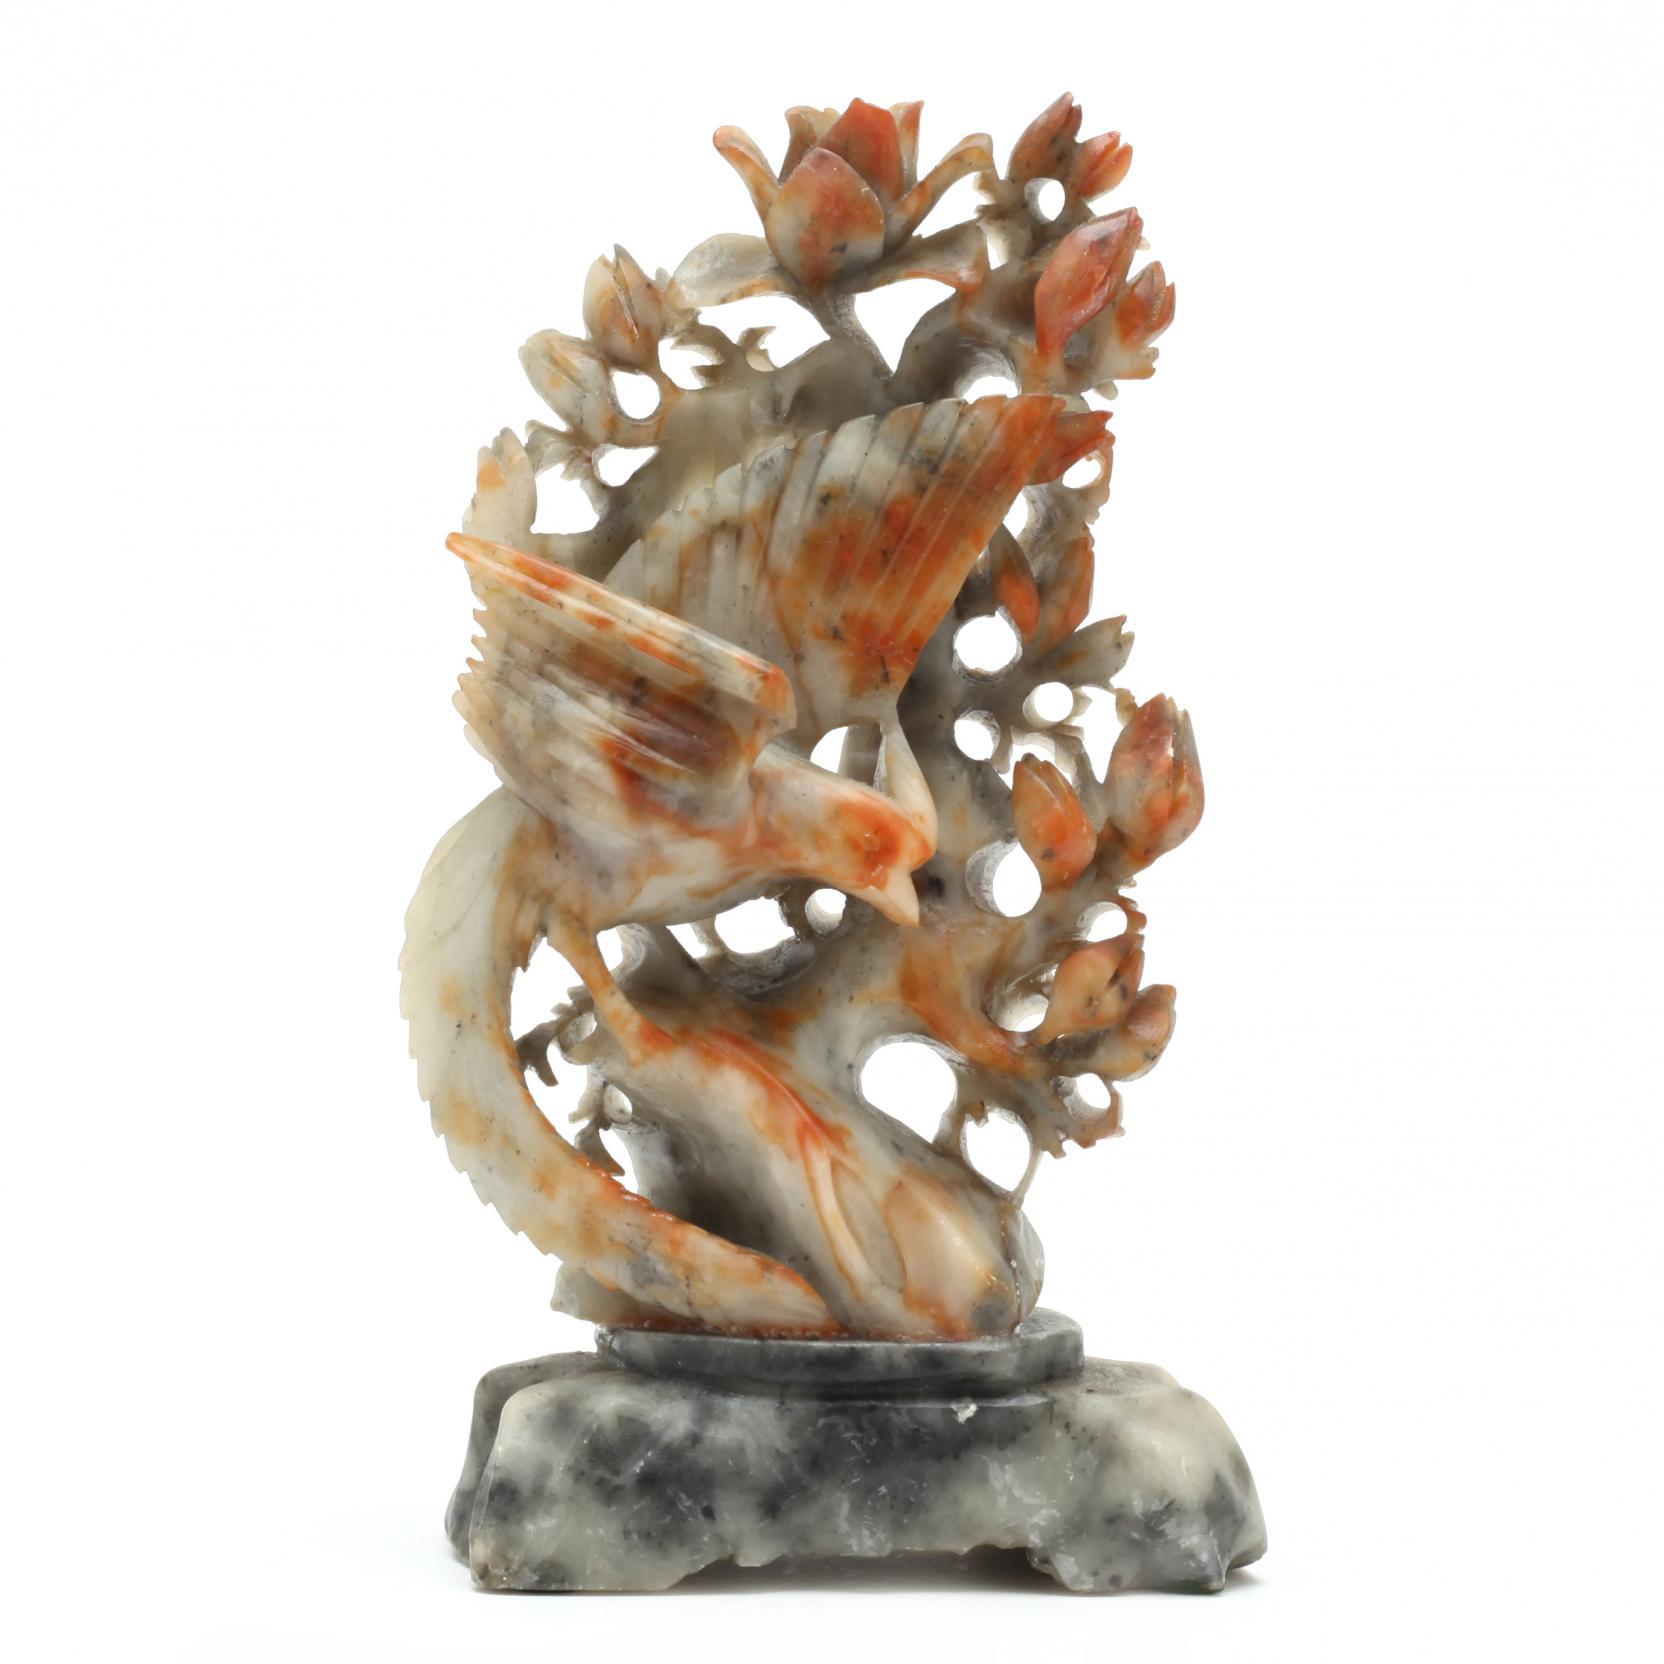 a-hard-stone-sculpture-of-a-bird